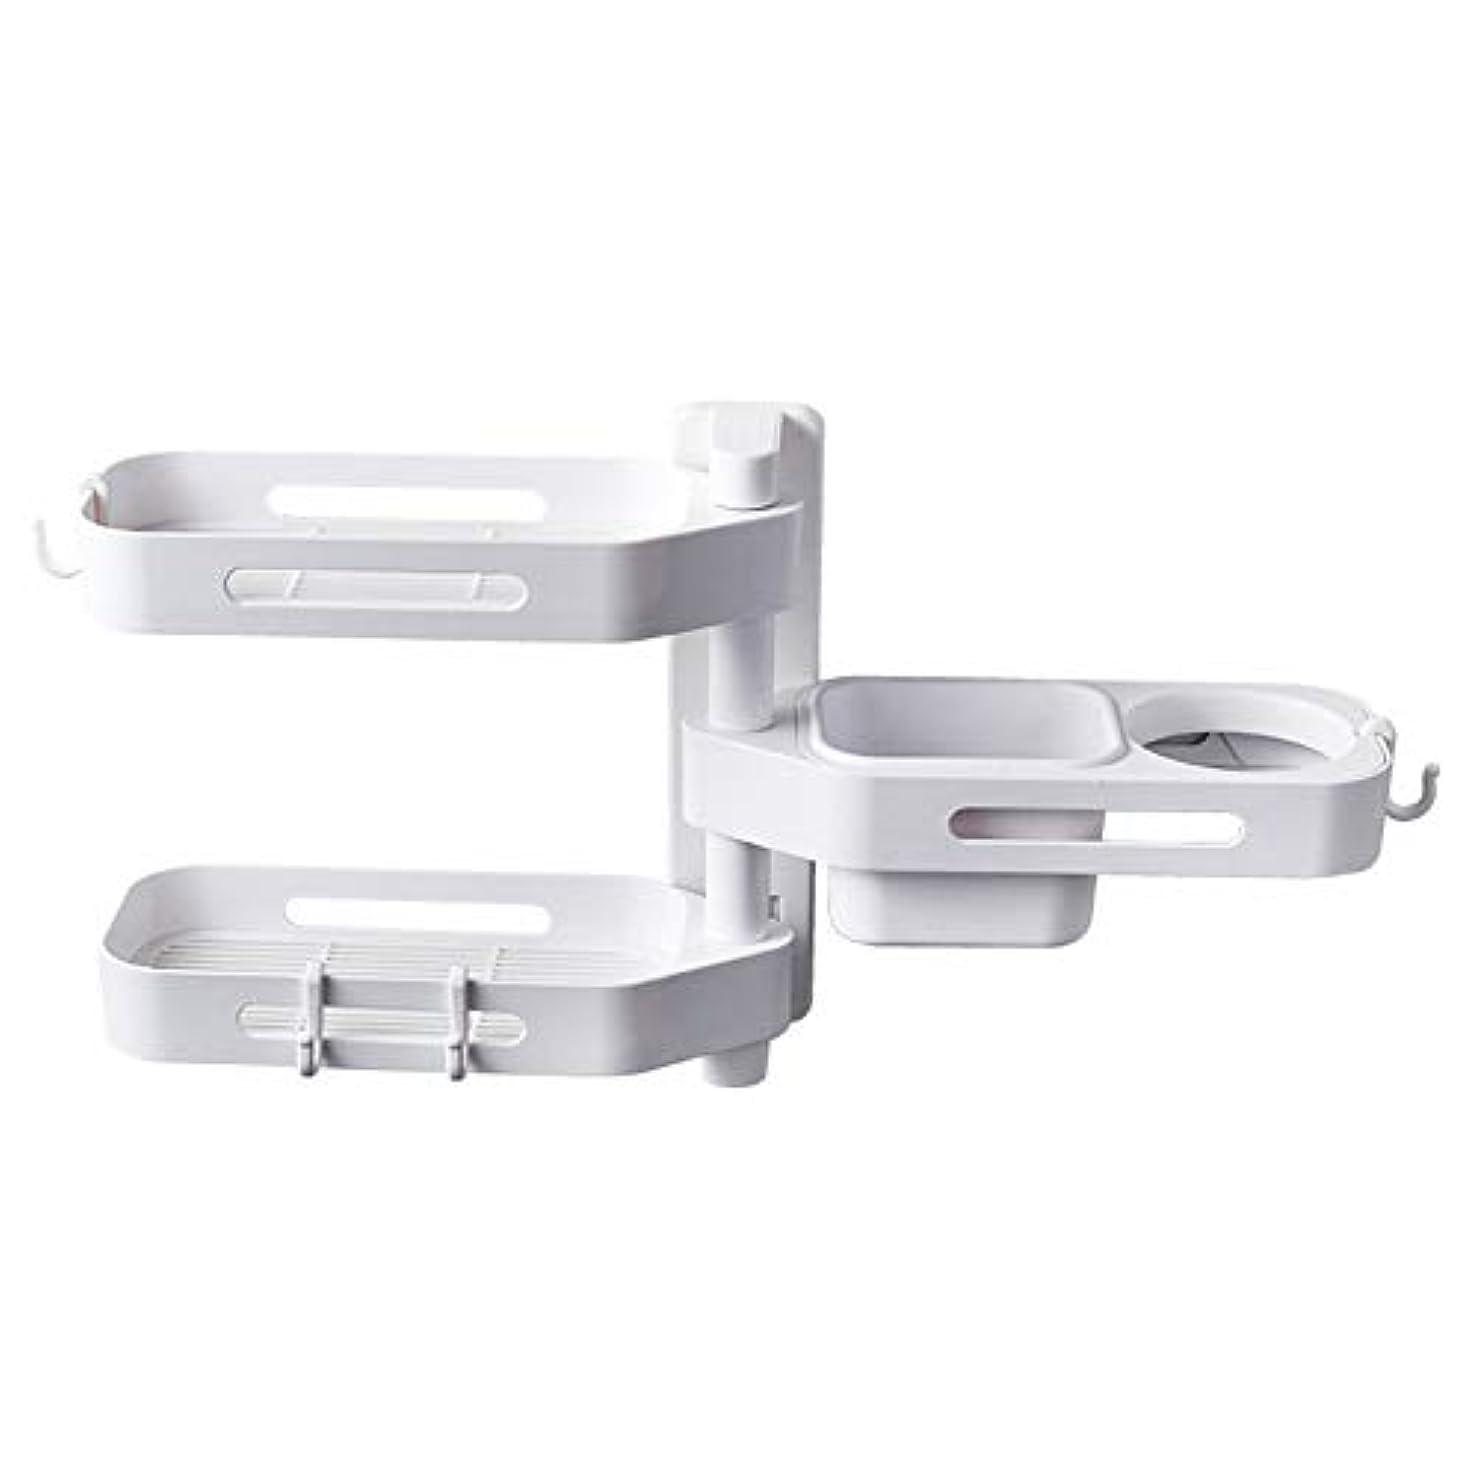 ぶら下がる鏡バストCoolTack 3層ソープトレイプラスチック取り外し可能な収納オーガナイザーを回転させるソープディッシュ接着剤ホルダー